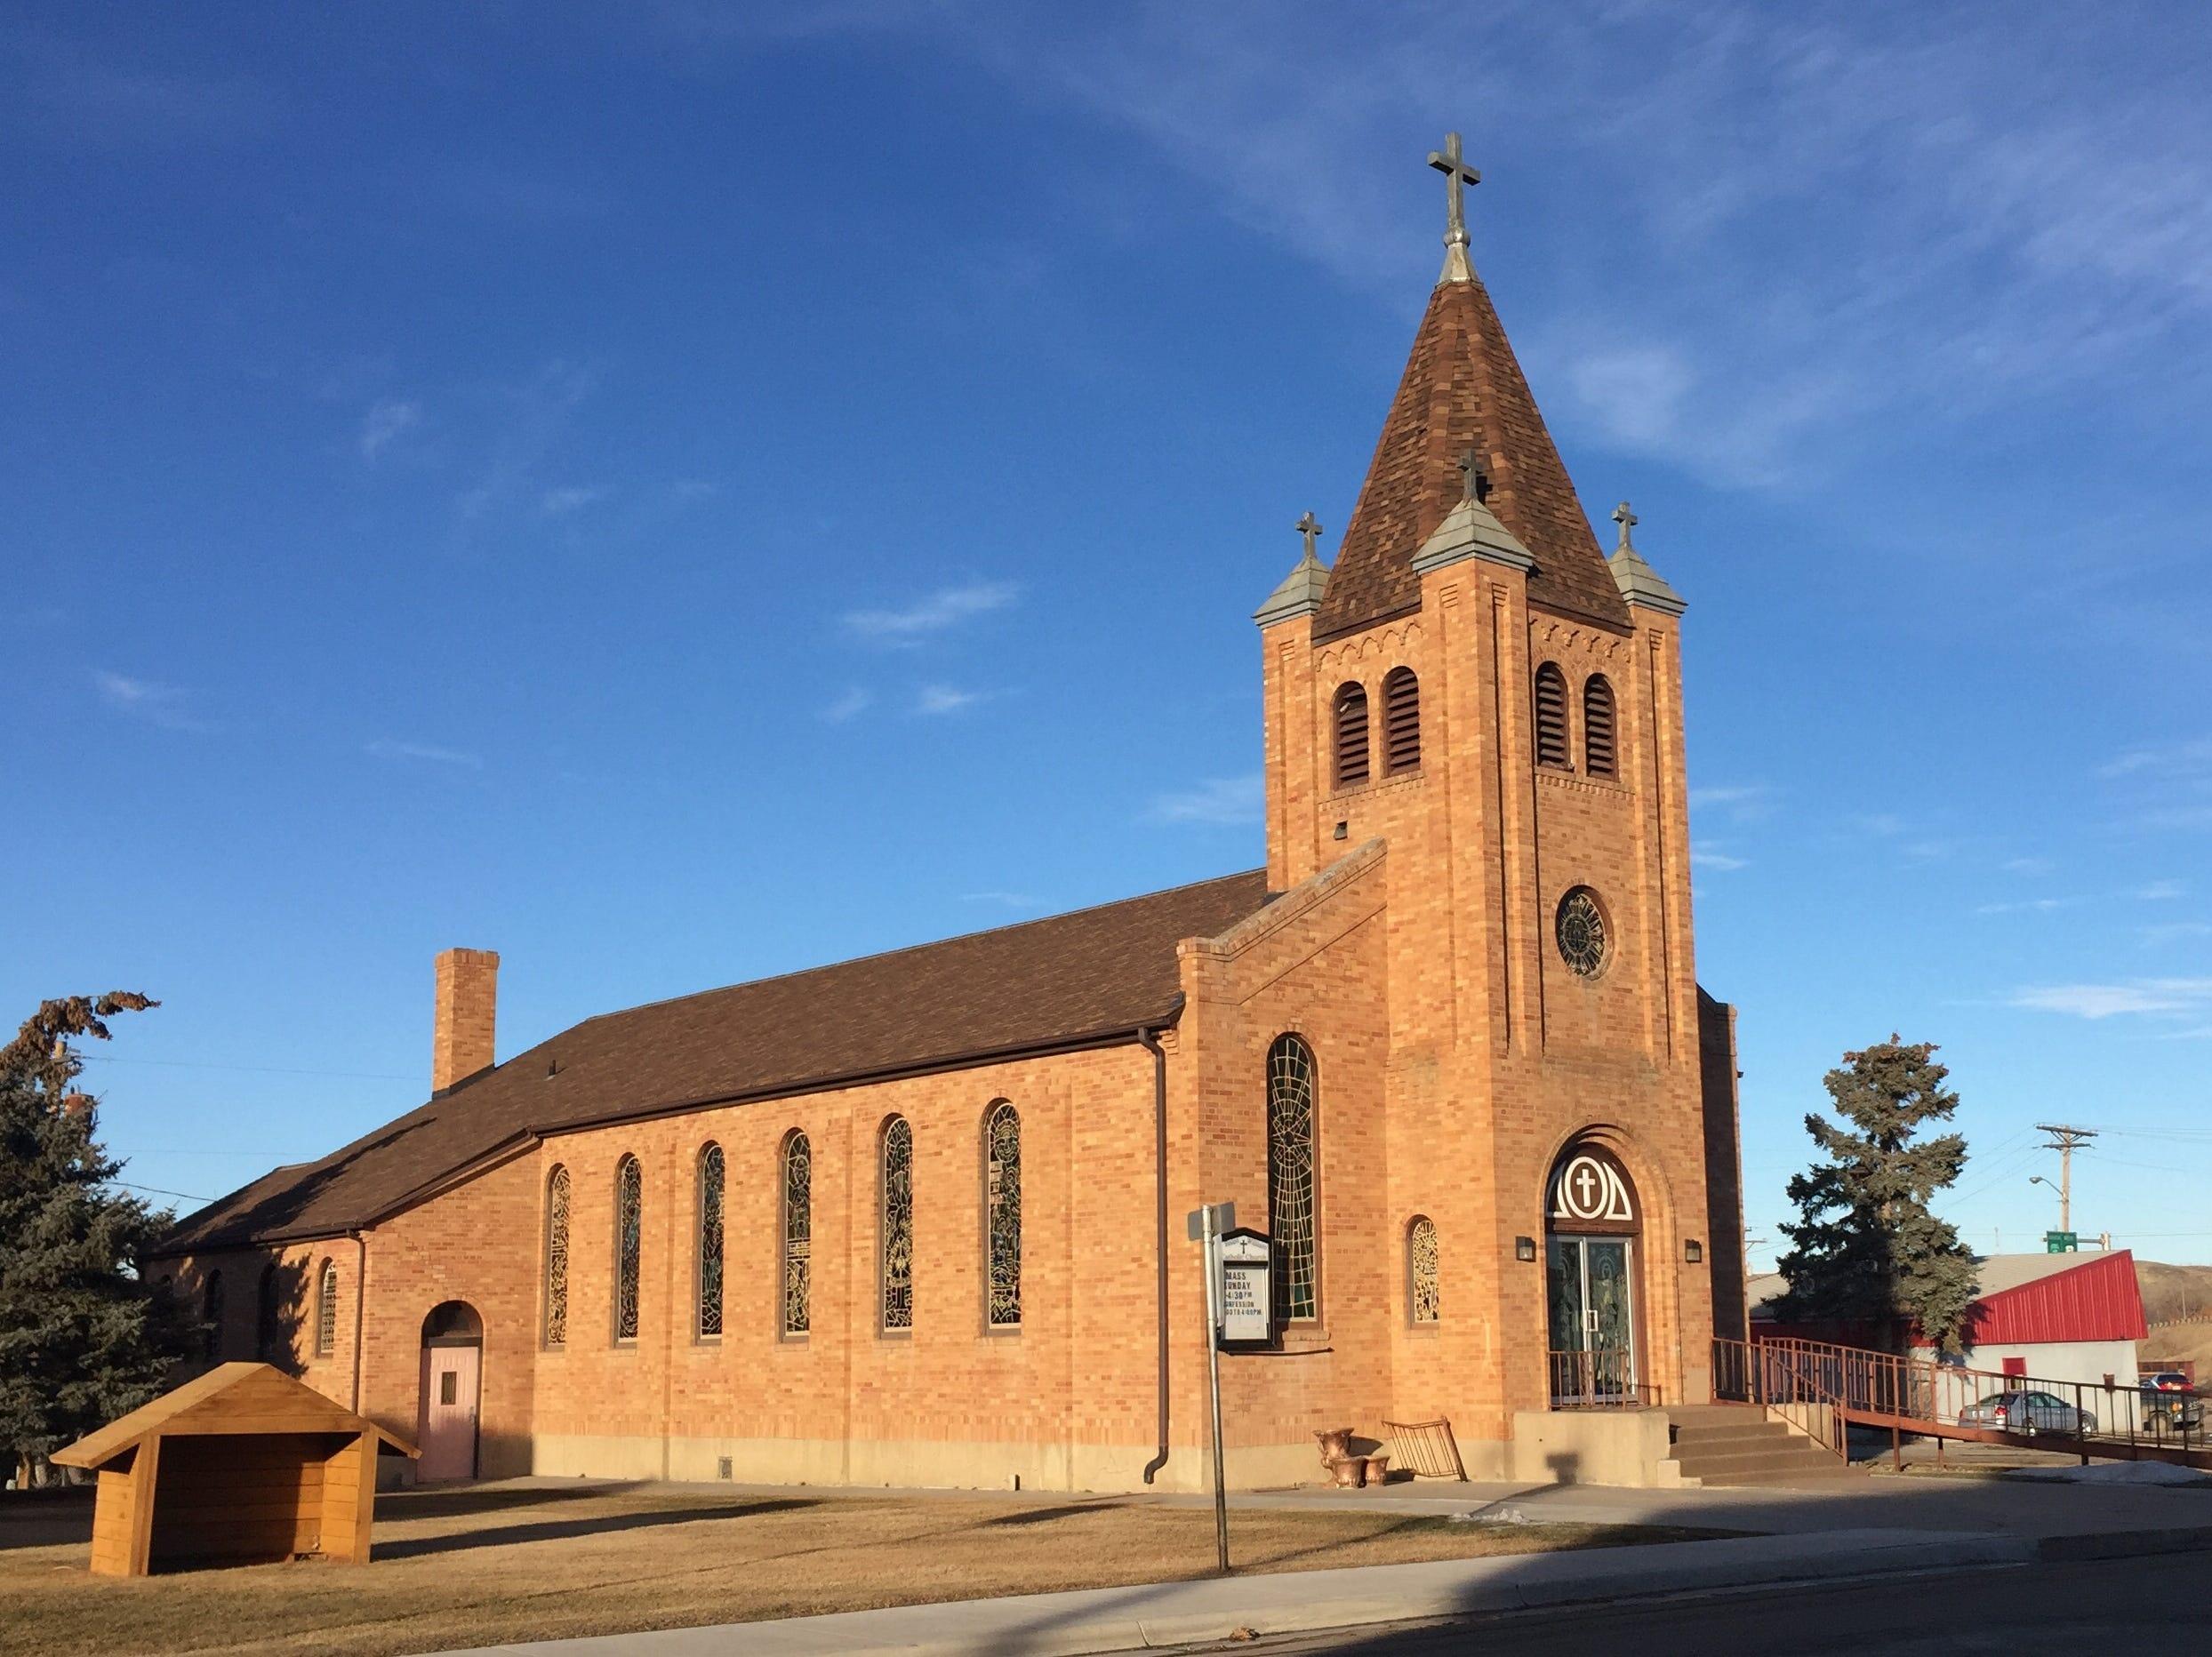 Saint Williams Catholic Church is a gem on Main Street Shelby.